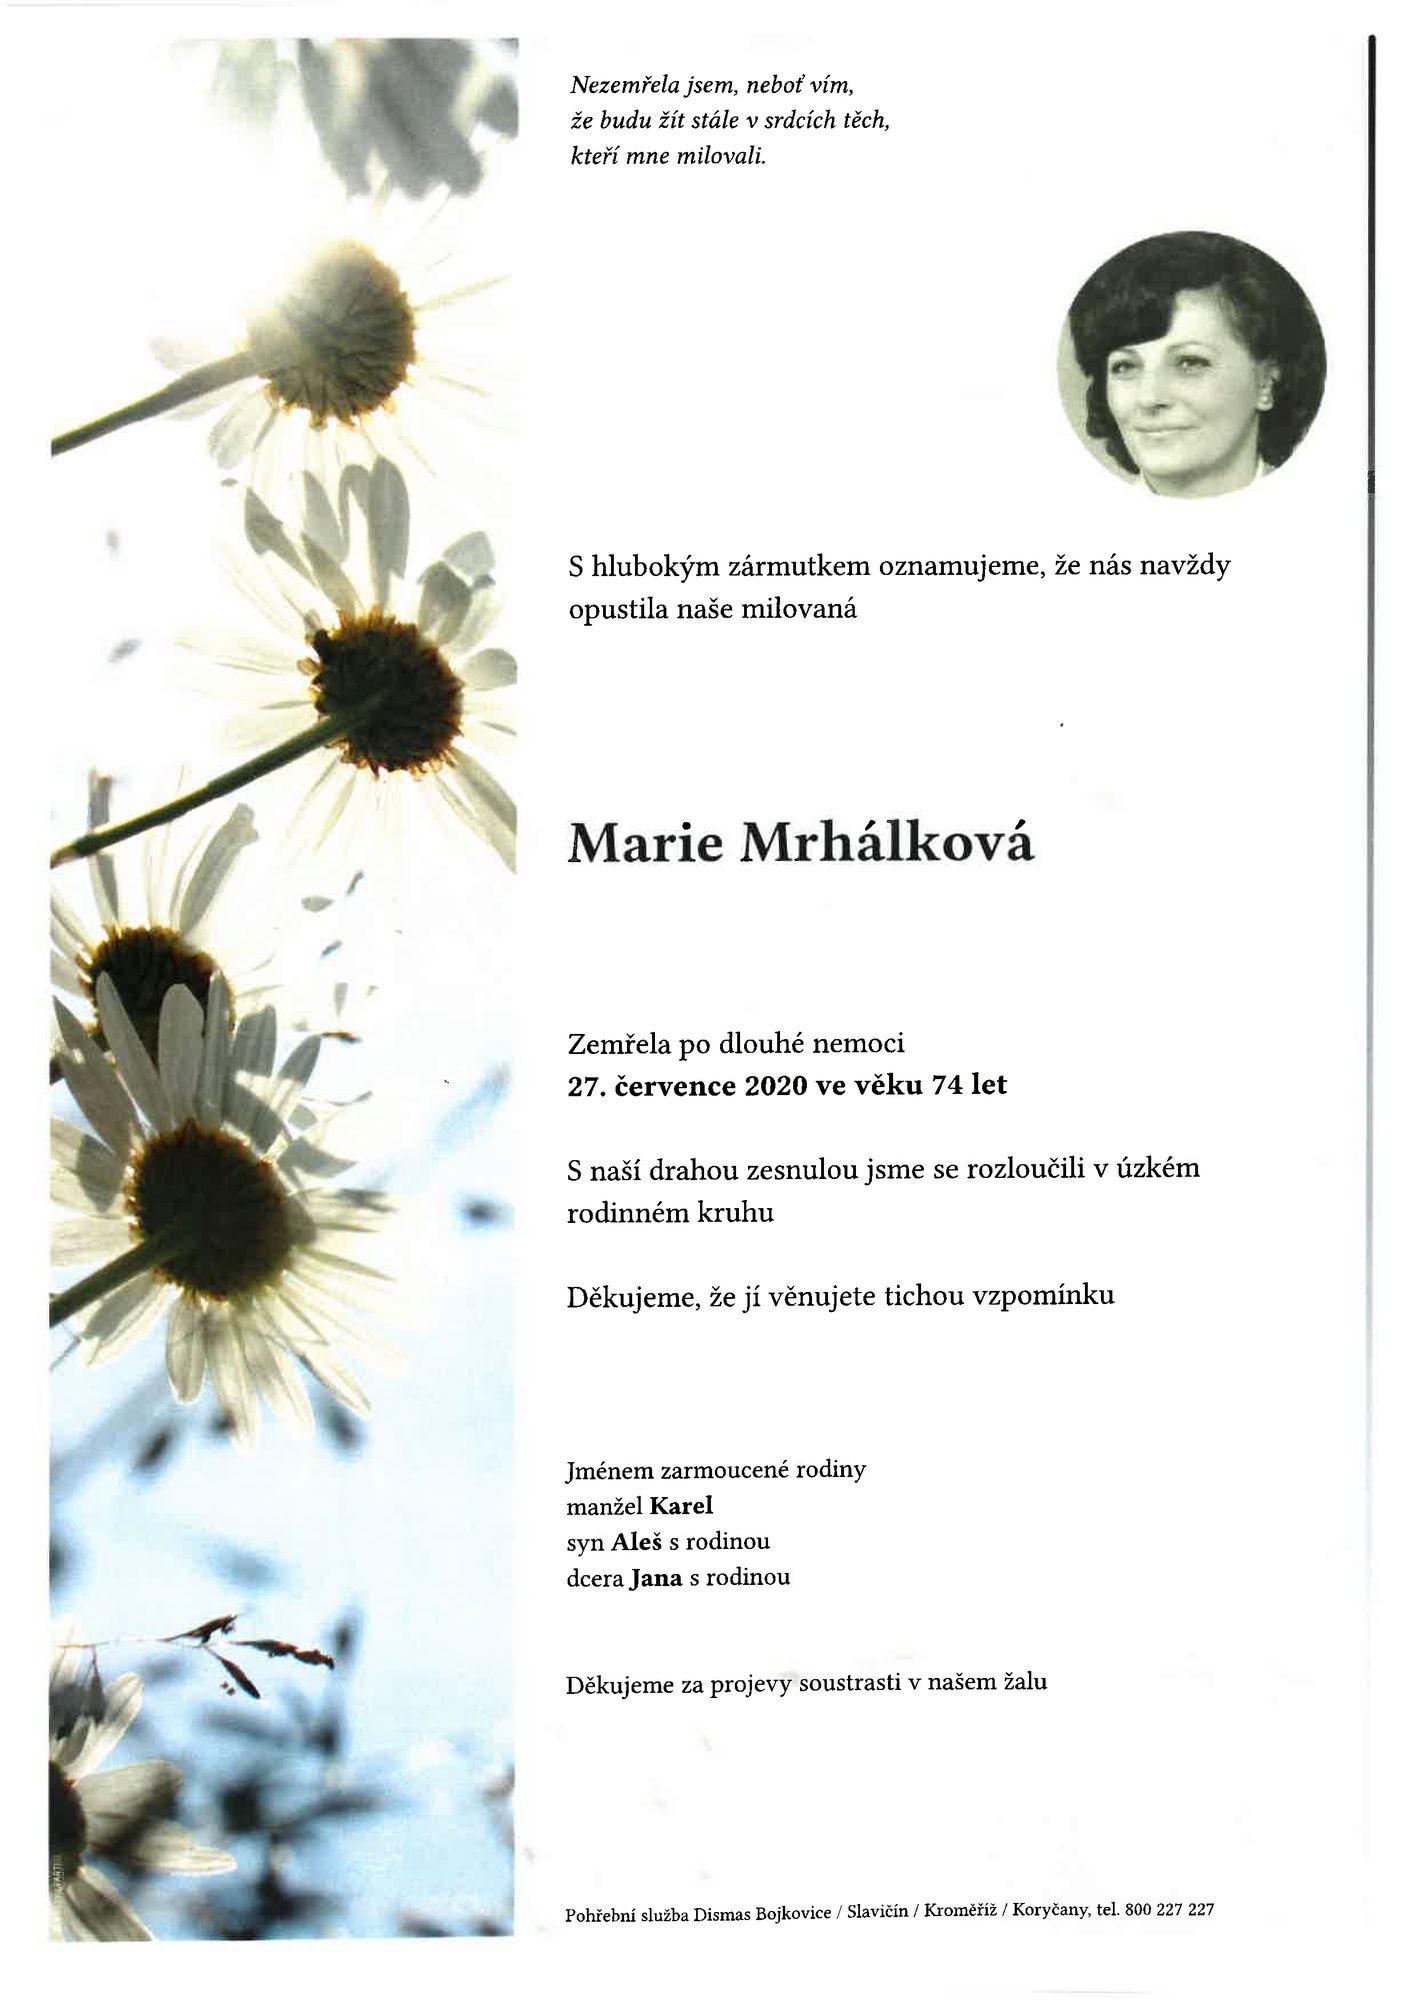 Marie Mrhálková